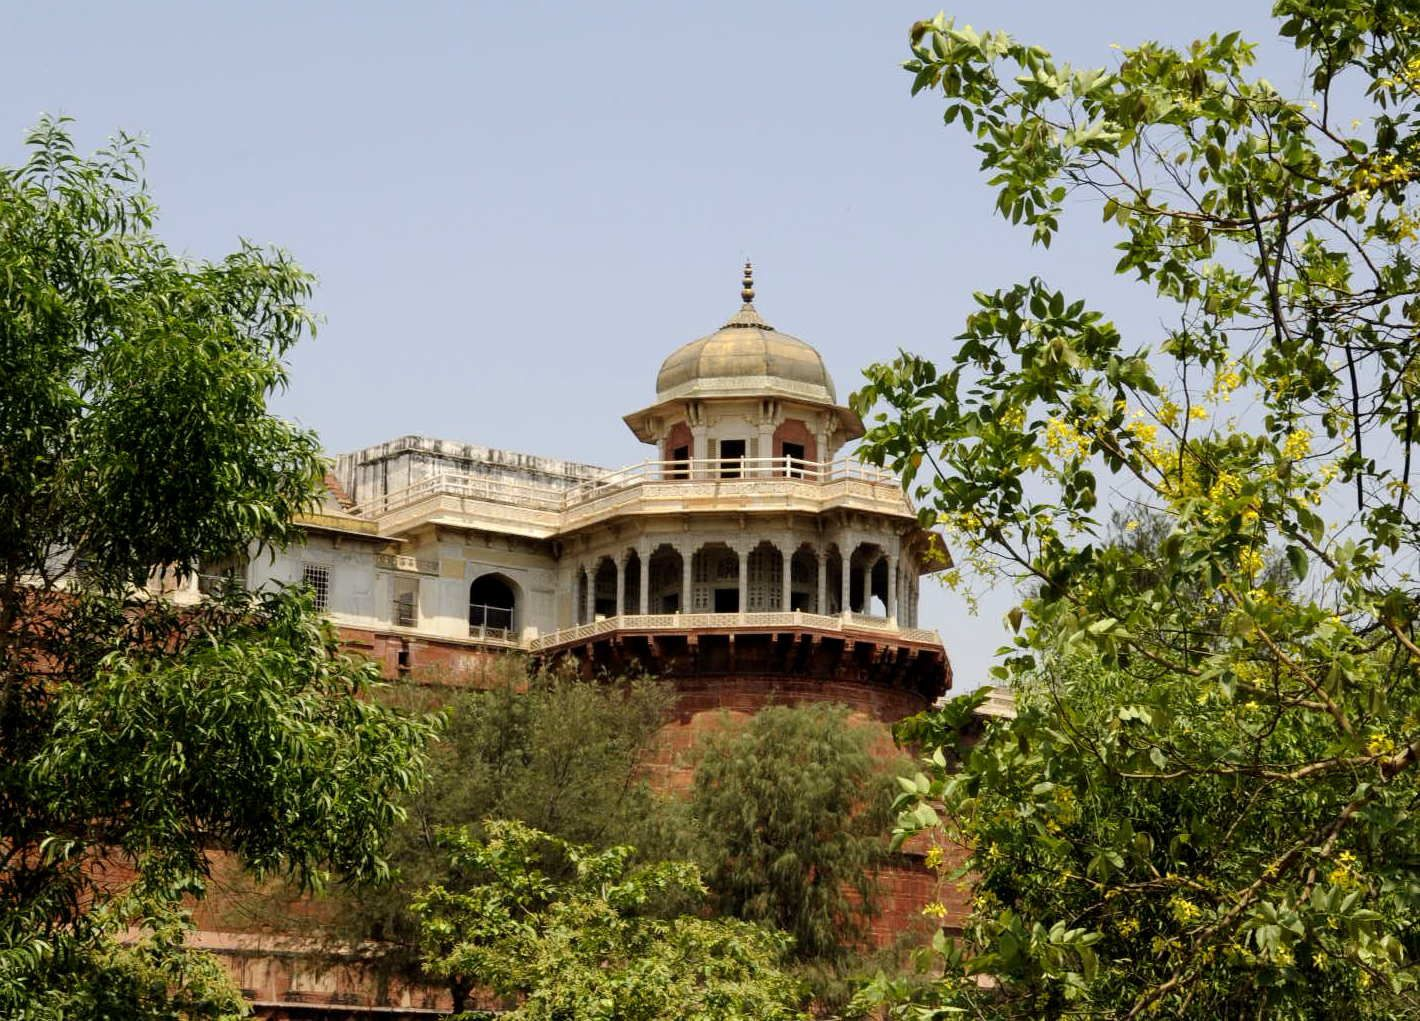 Voici le palais où le Maharajah a été reclus à la fin de sa vie...